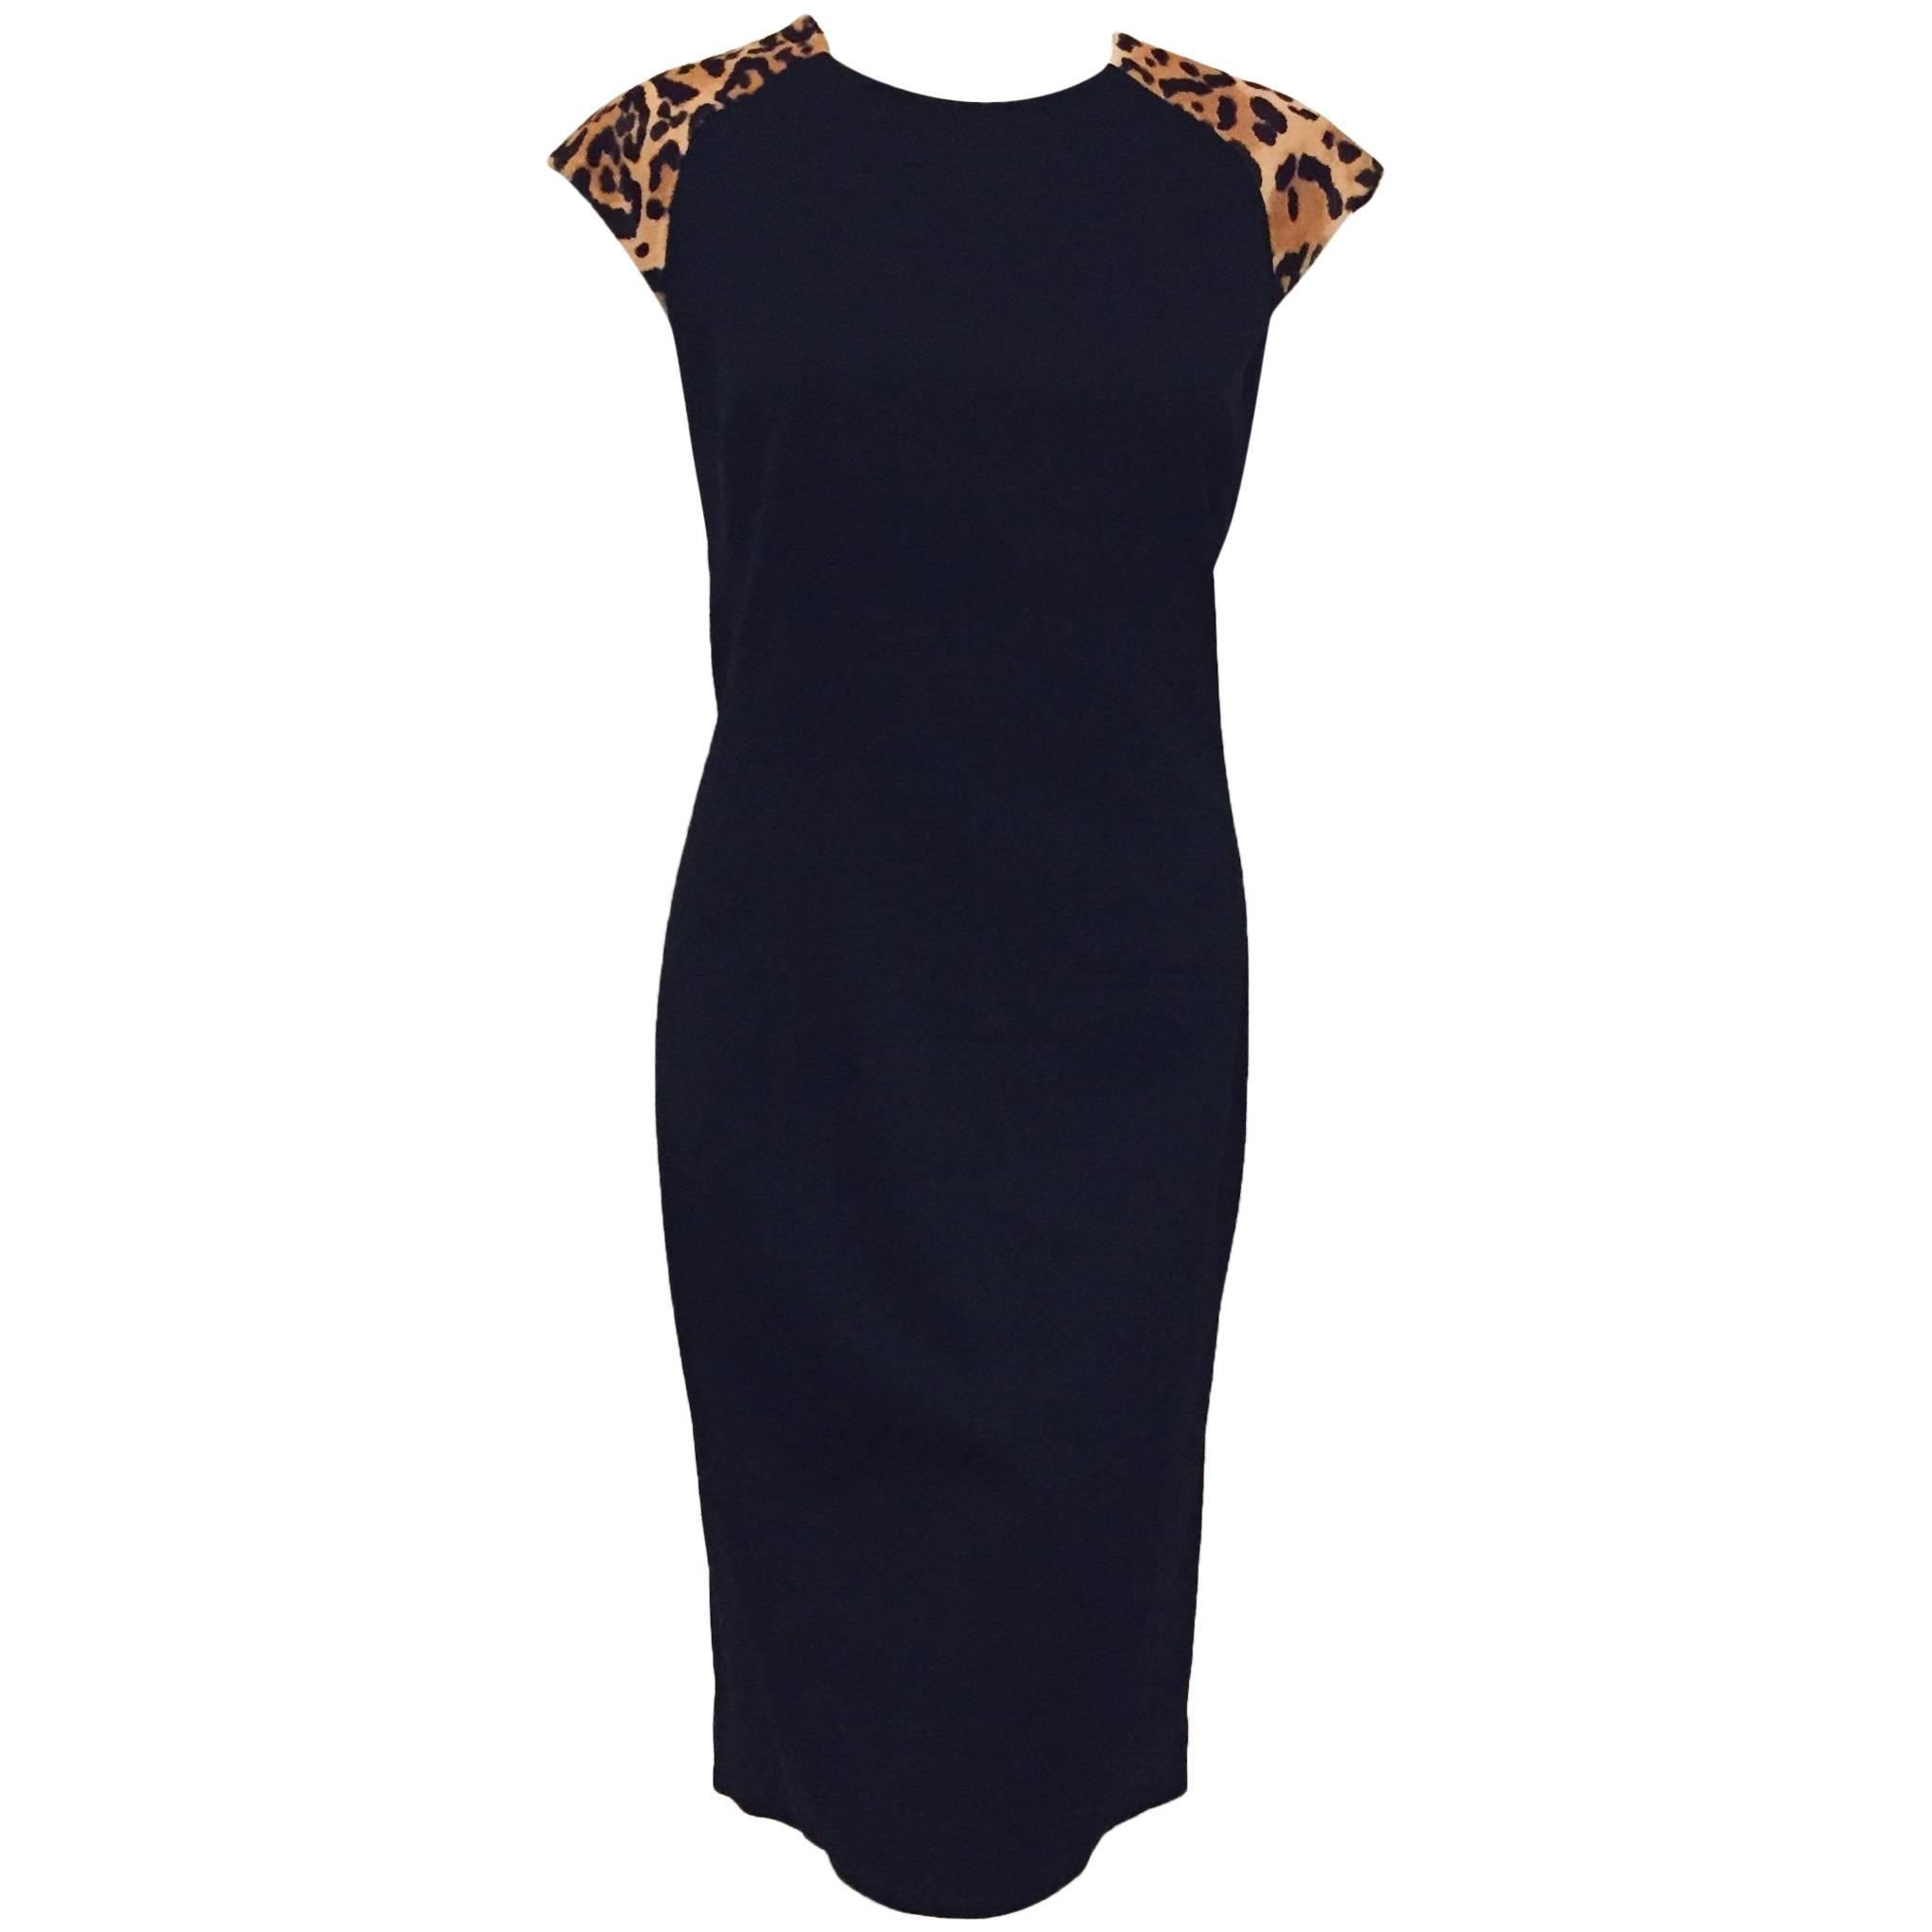 Ralph Lauren Black Tank Dress